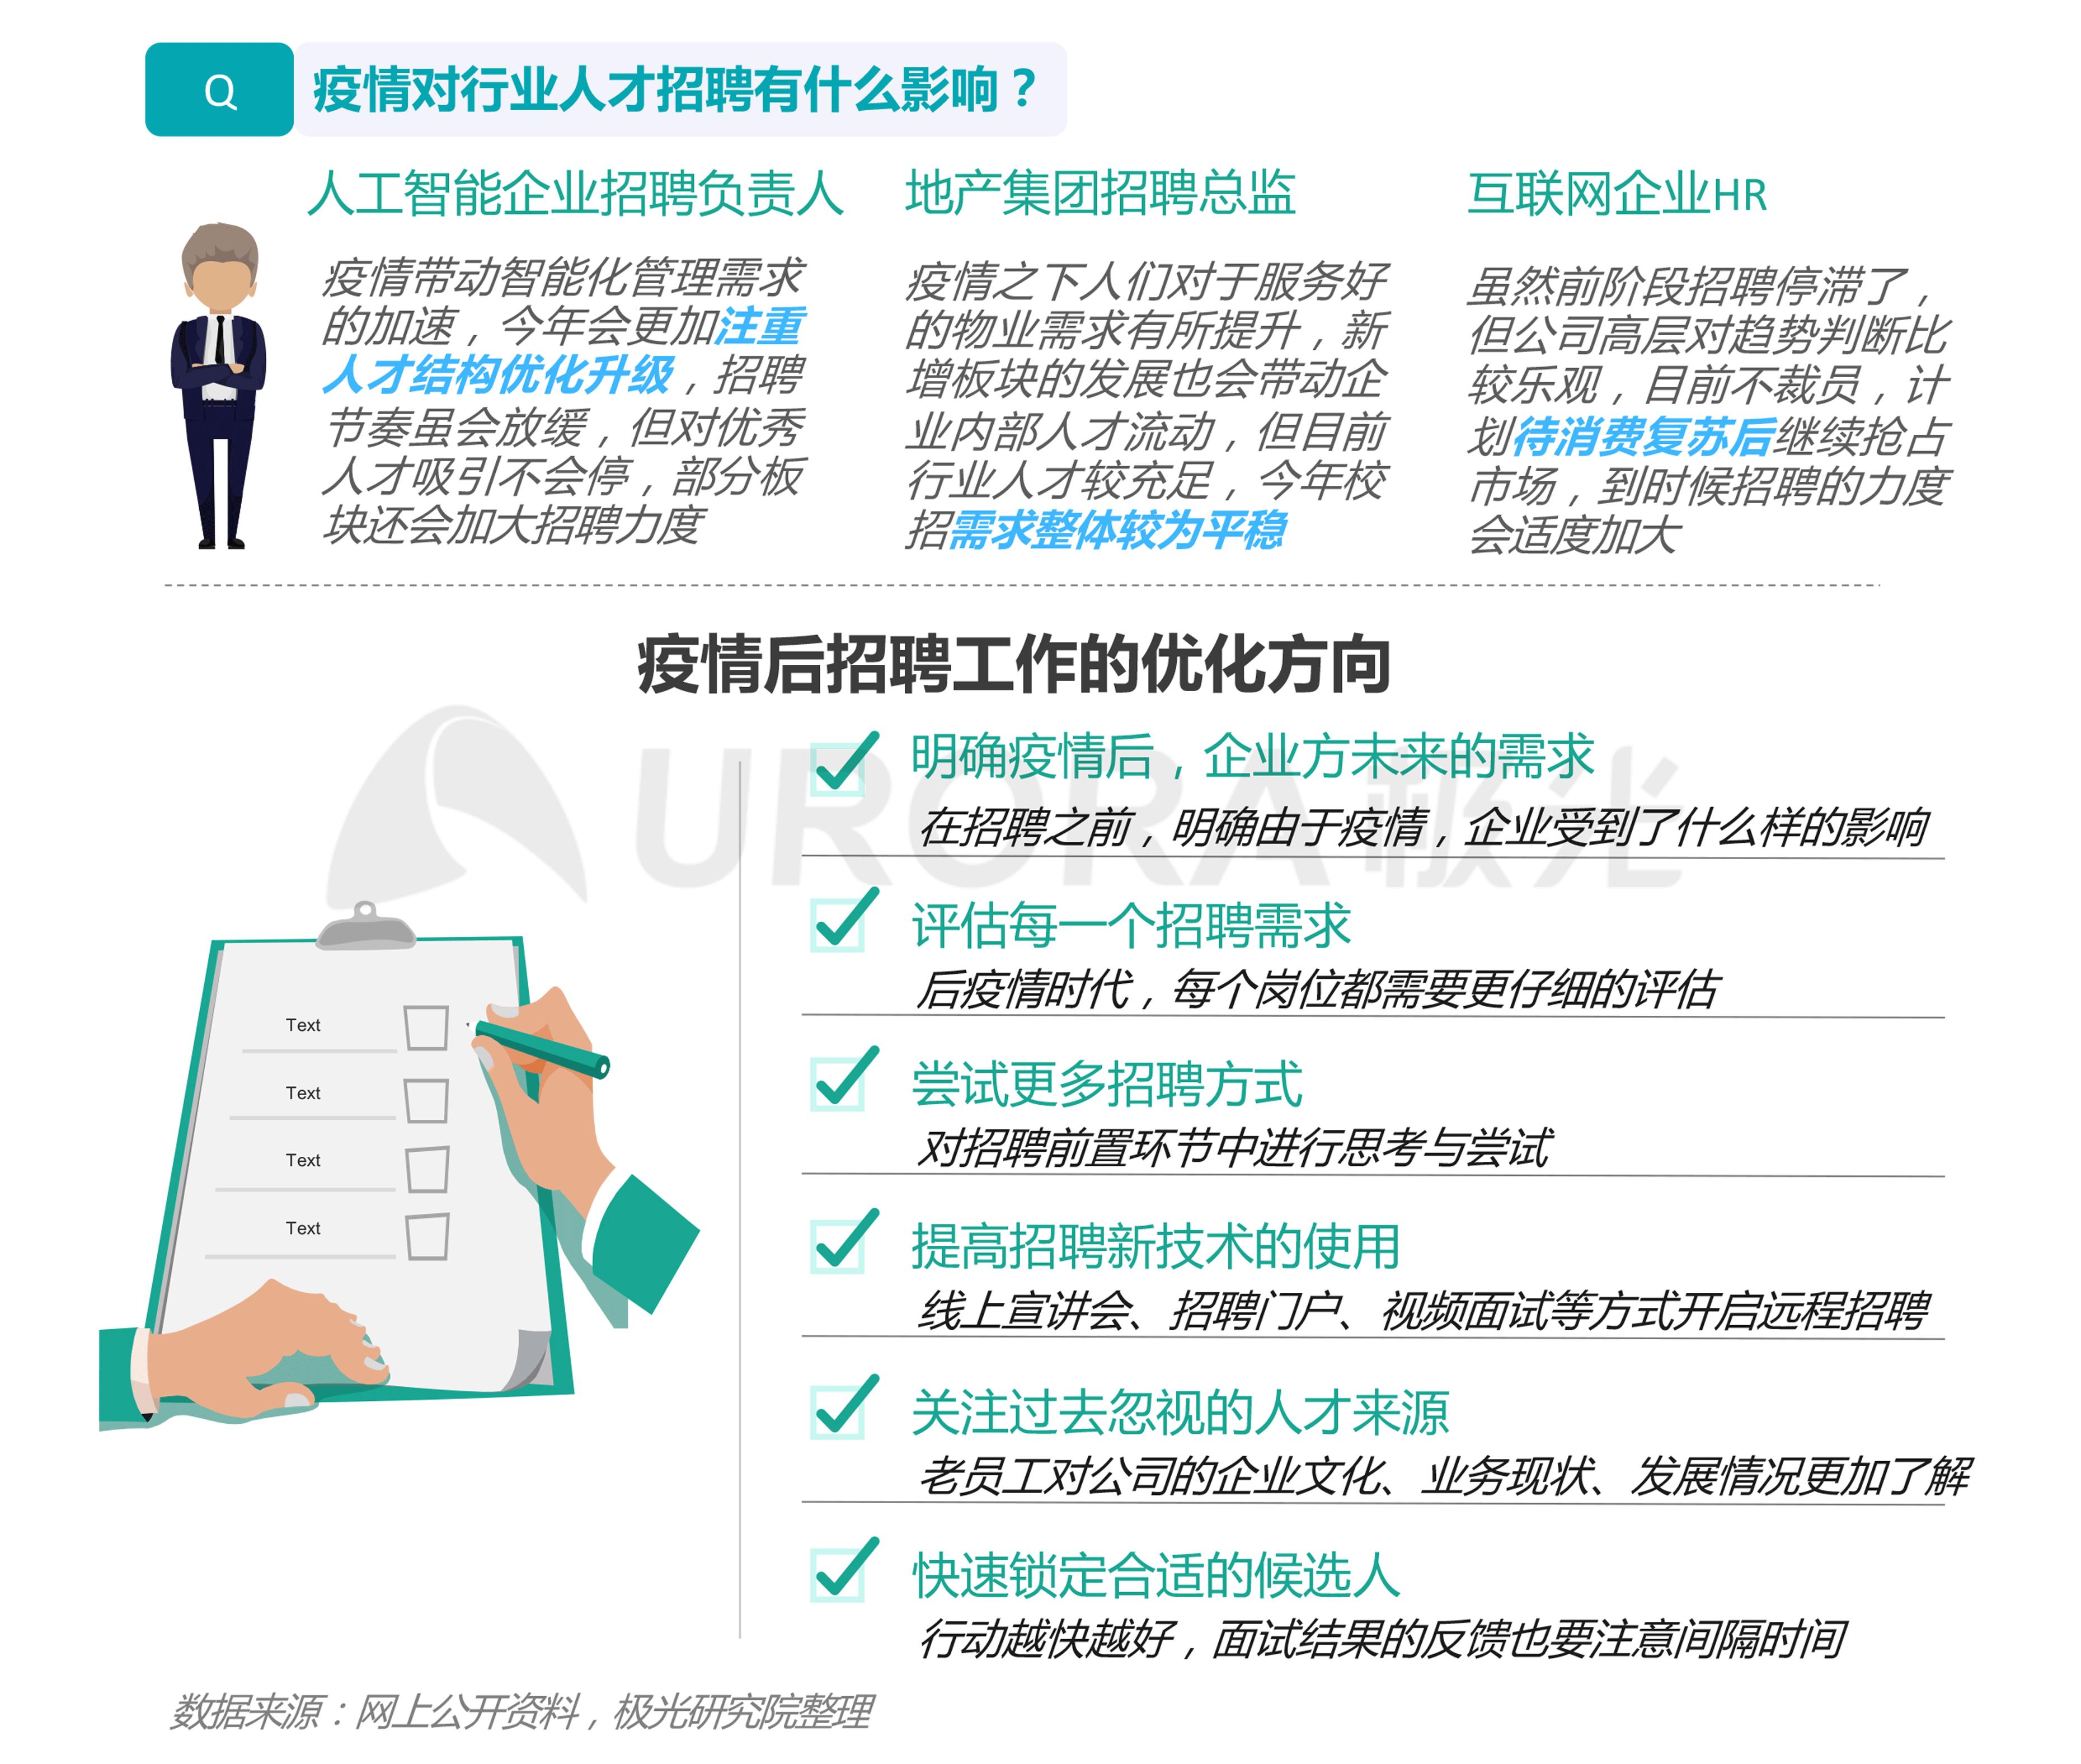 """""""超职季""""招聘行业报告-汇总版 (13).png"""